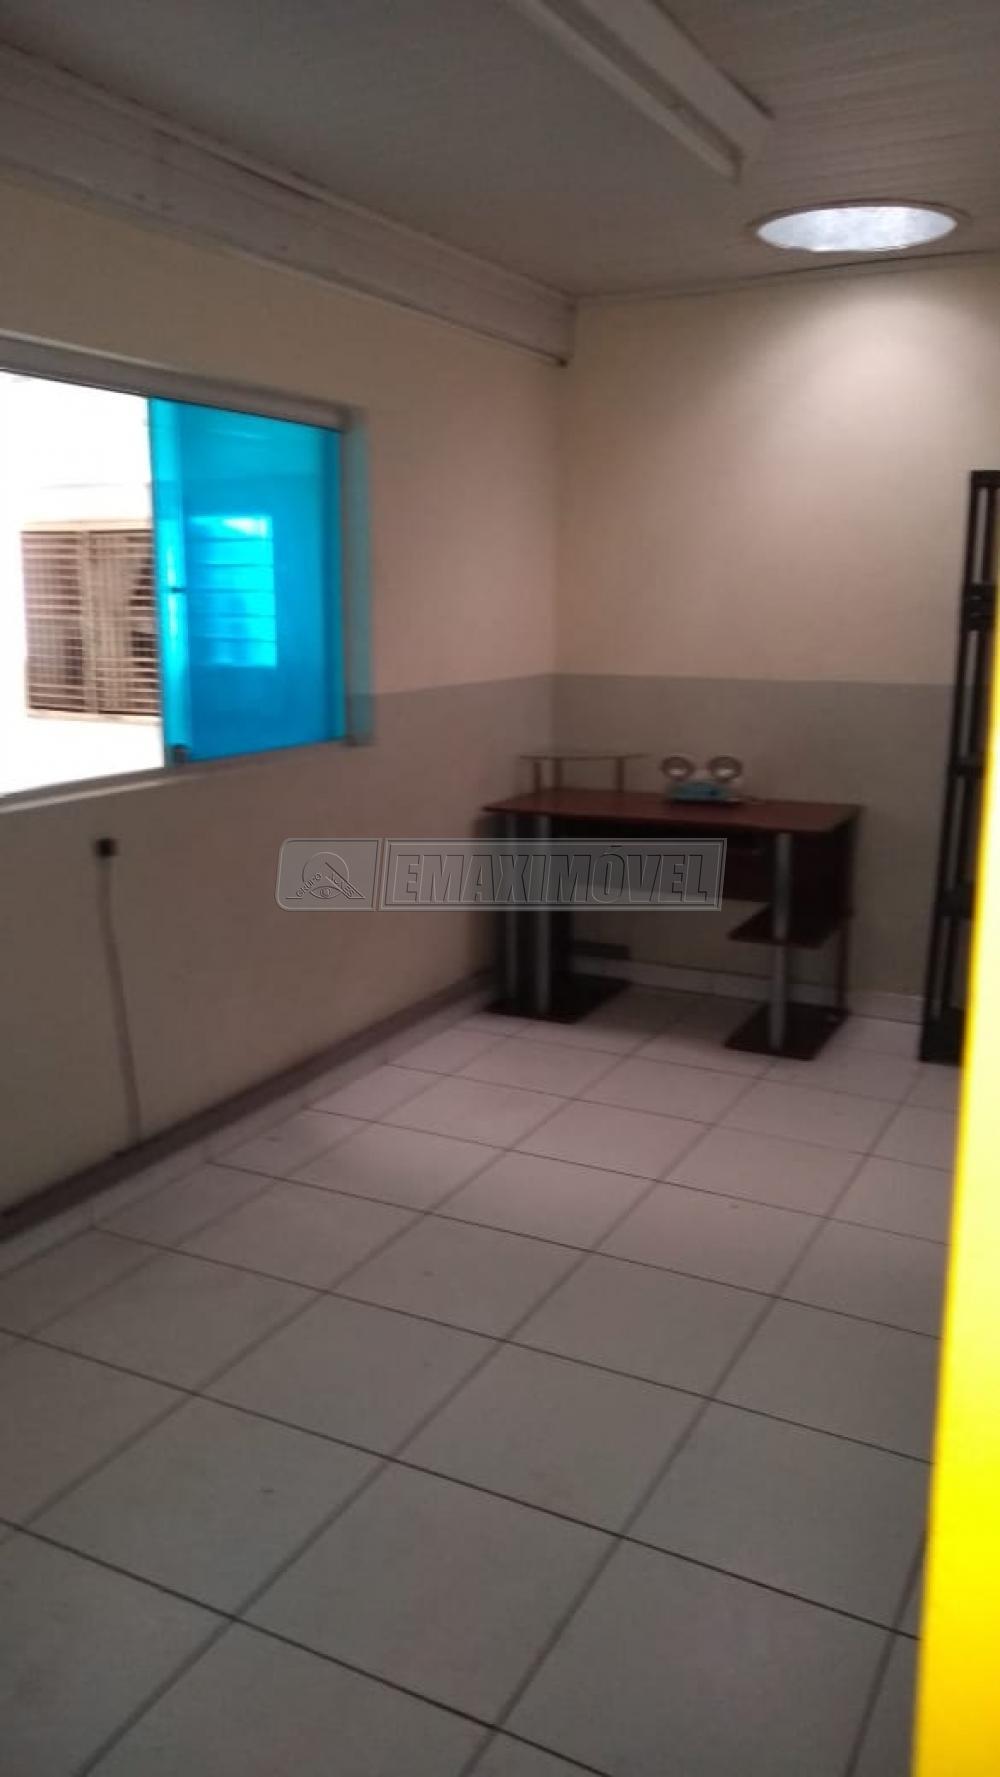 Alugar Comercial / Salões em Sorocaba apenas R$ 3.500,00 - Foto 12